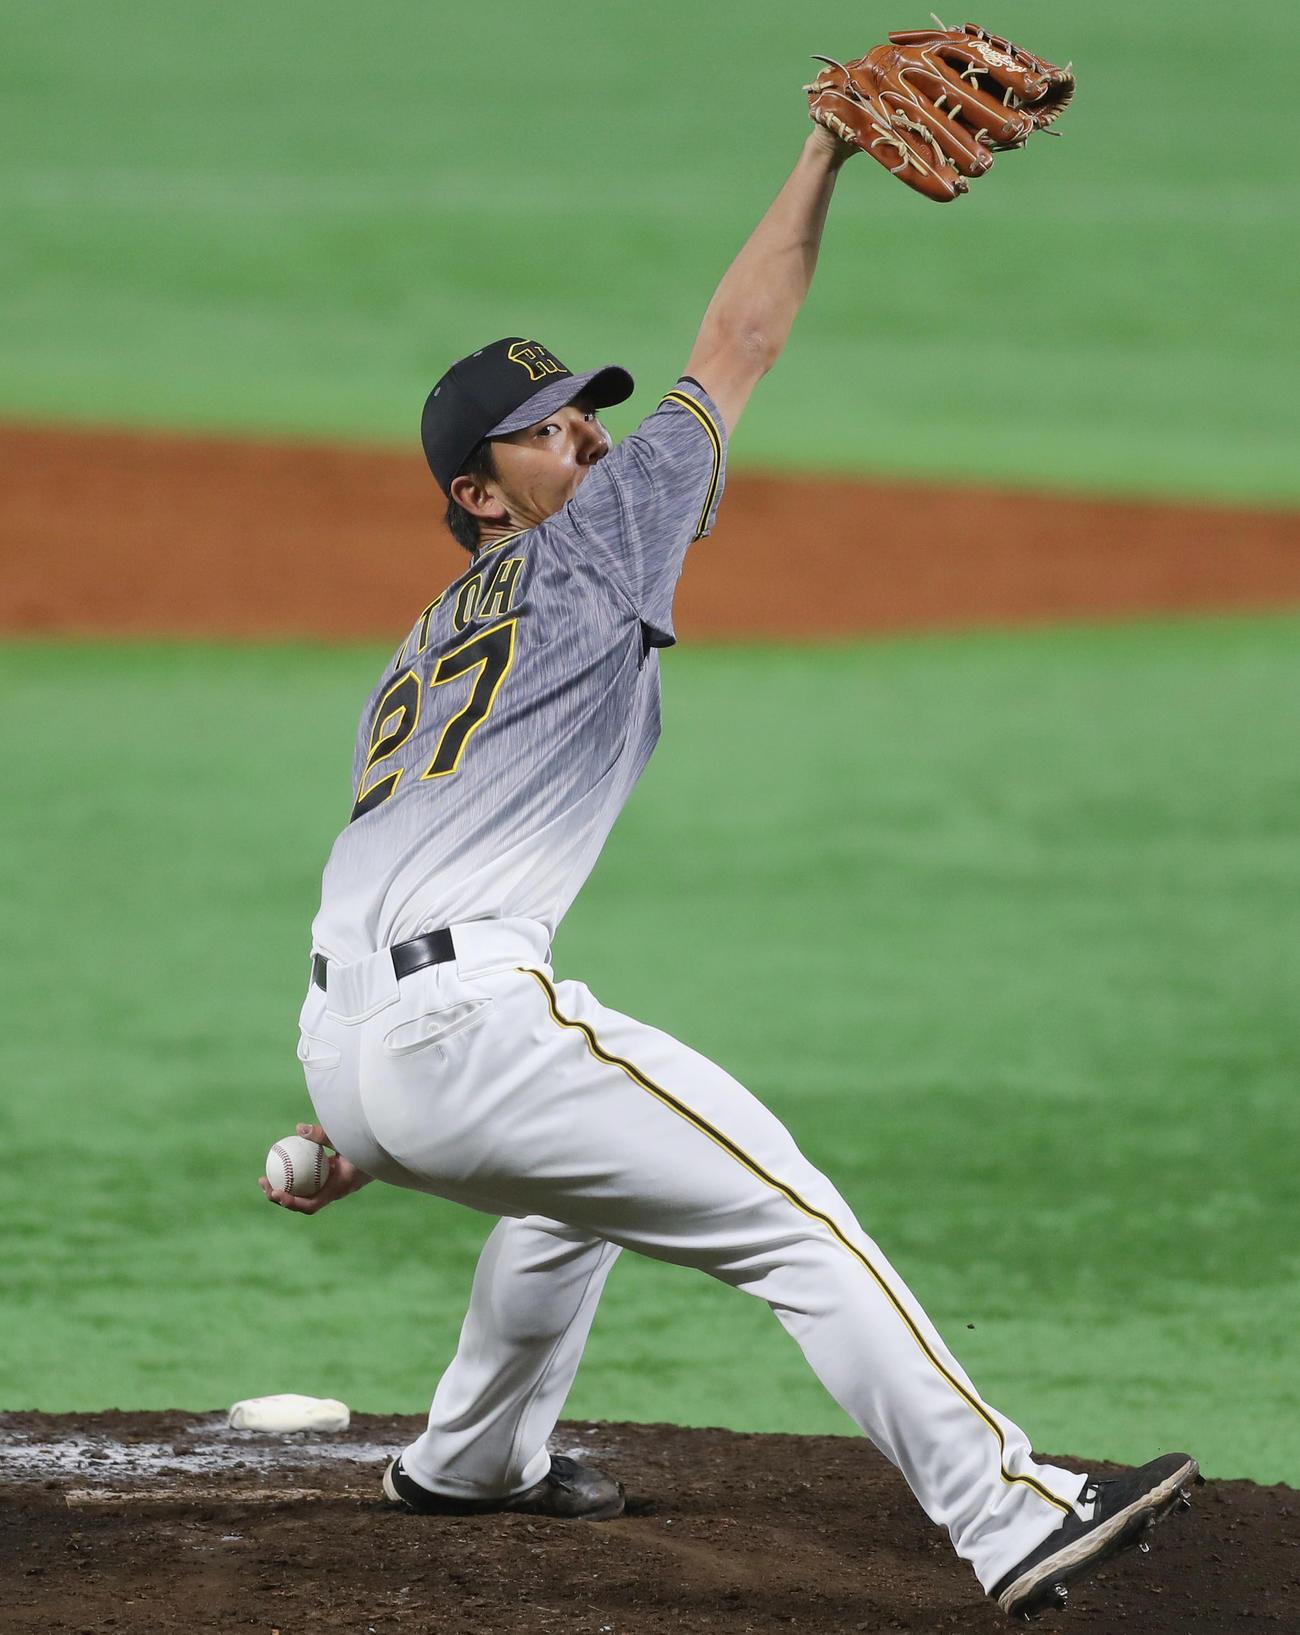 ソフトバンク対阪神 5回裏から2番手で登板した伊藤将は、3回を1安打1失点に抑える(撮影・前田充)